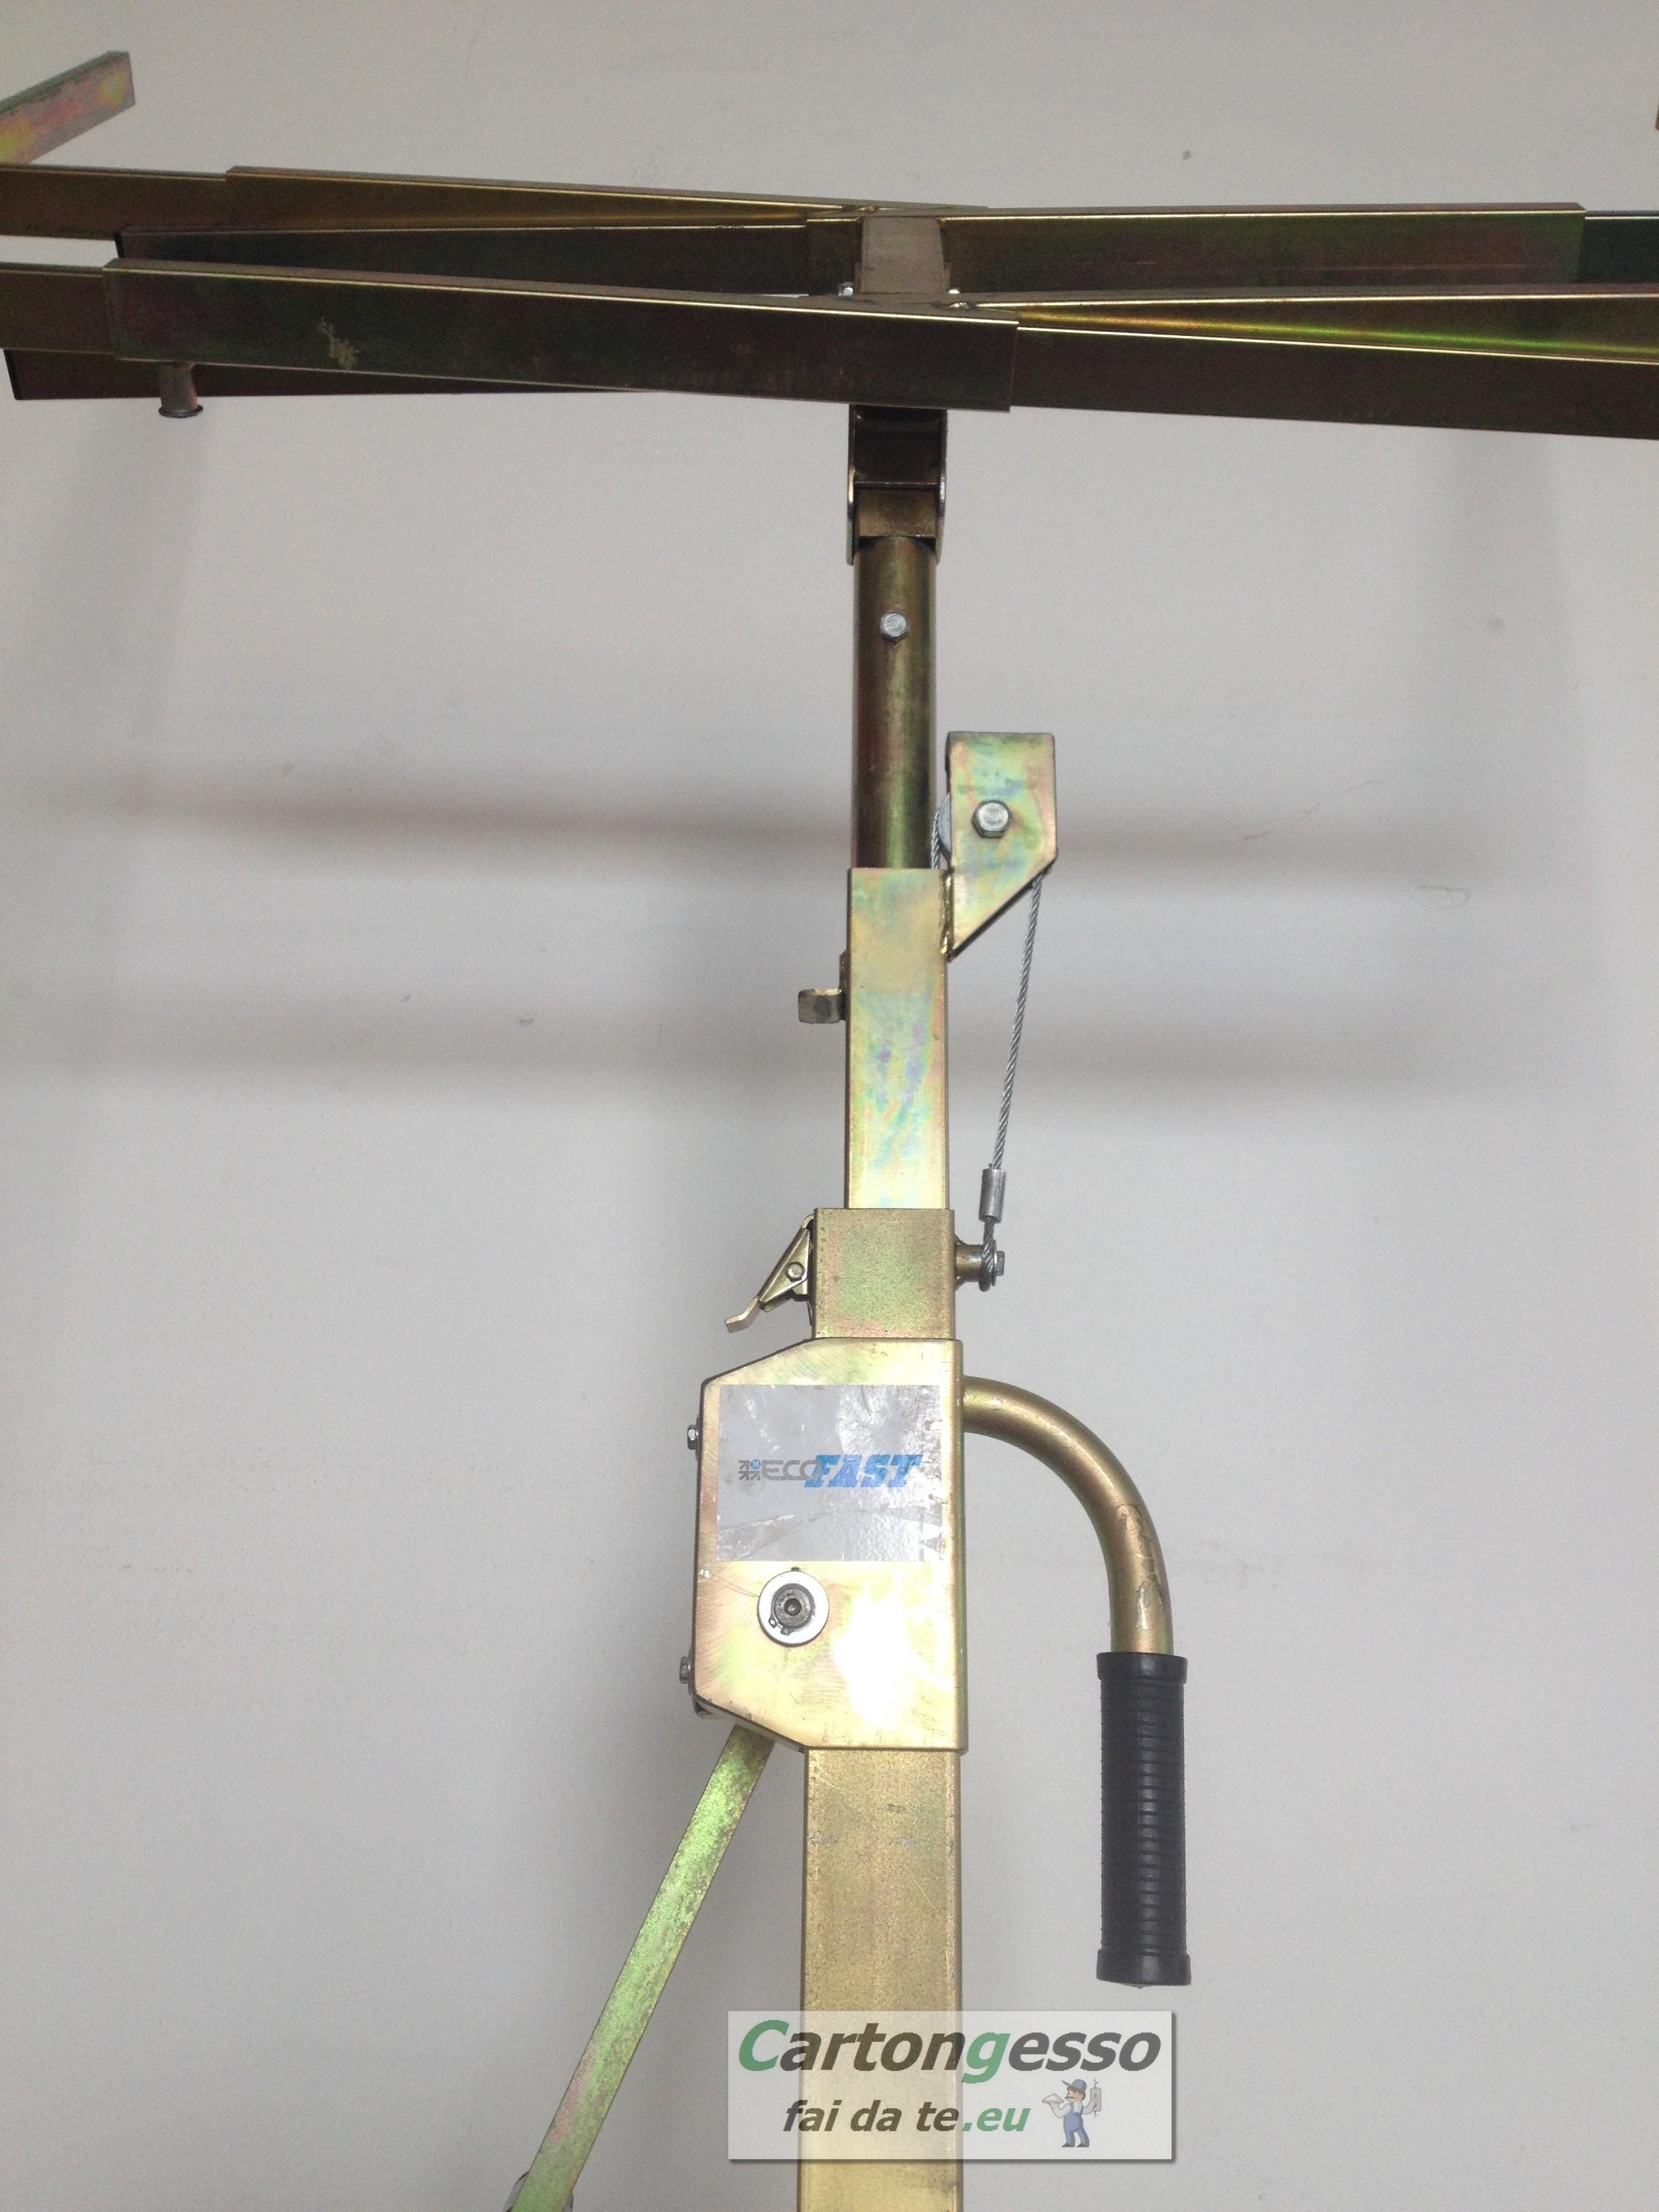 Carrello alzalastre telescopico a cremagliera professionale per cartongesso-2